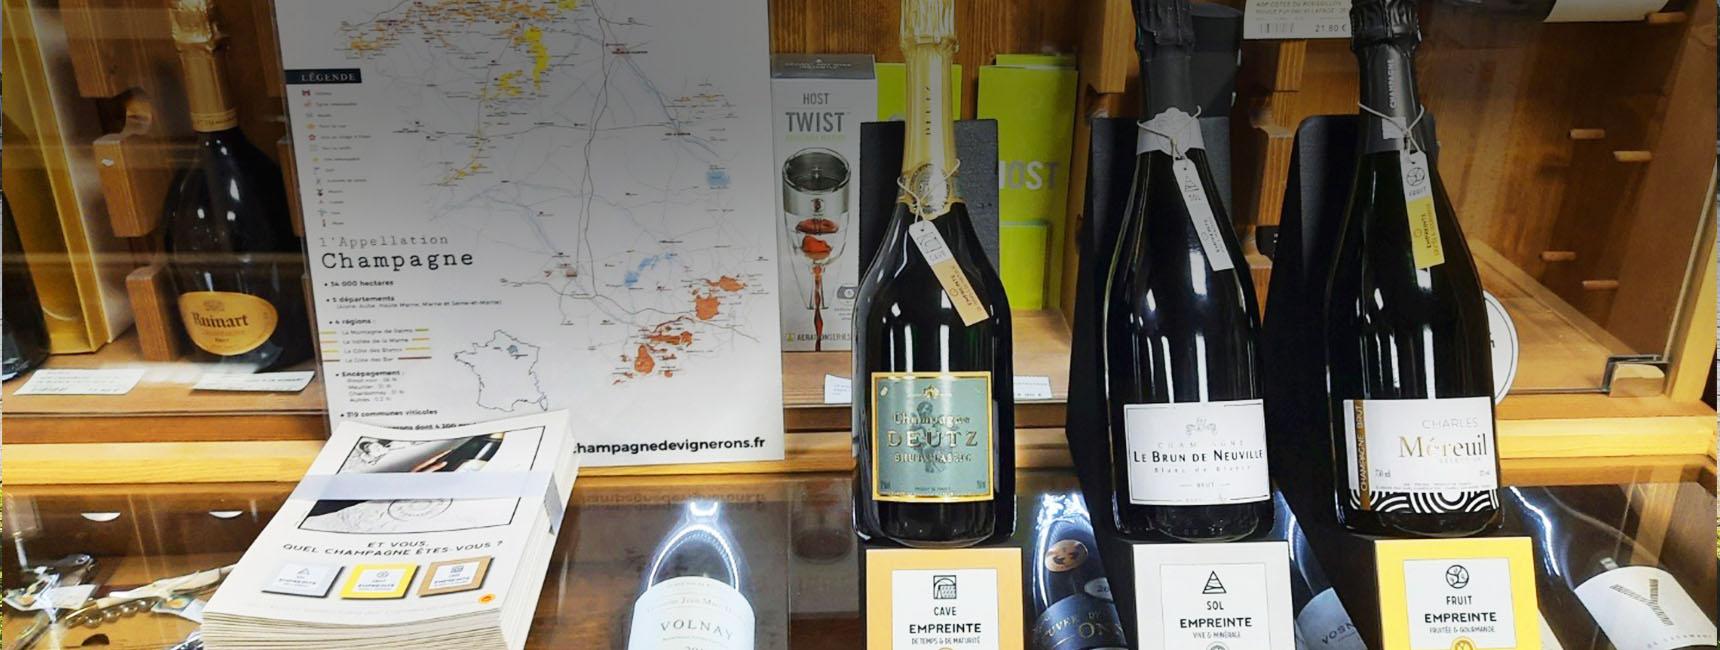 Dispositif digital pour le Syndicat général des vignerons de Champagne